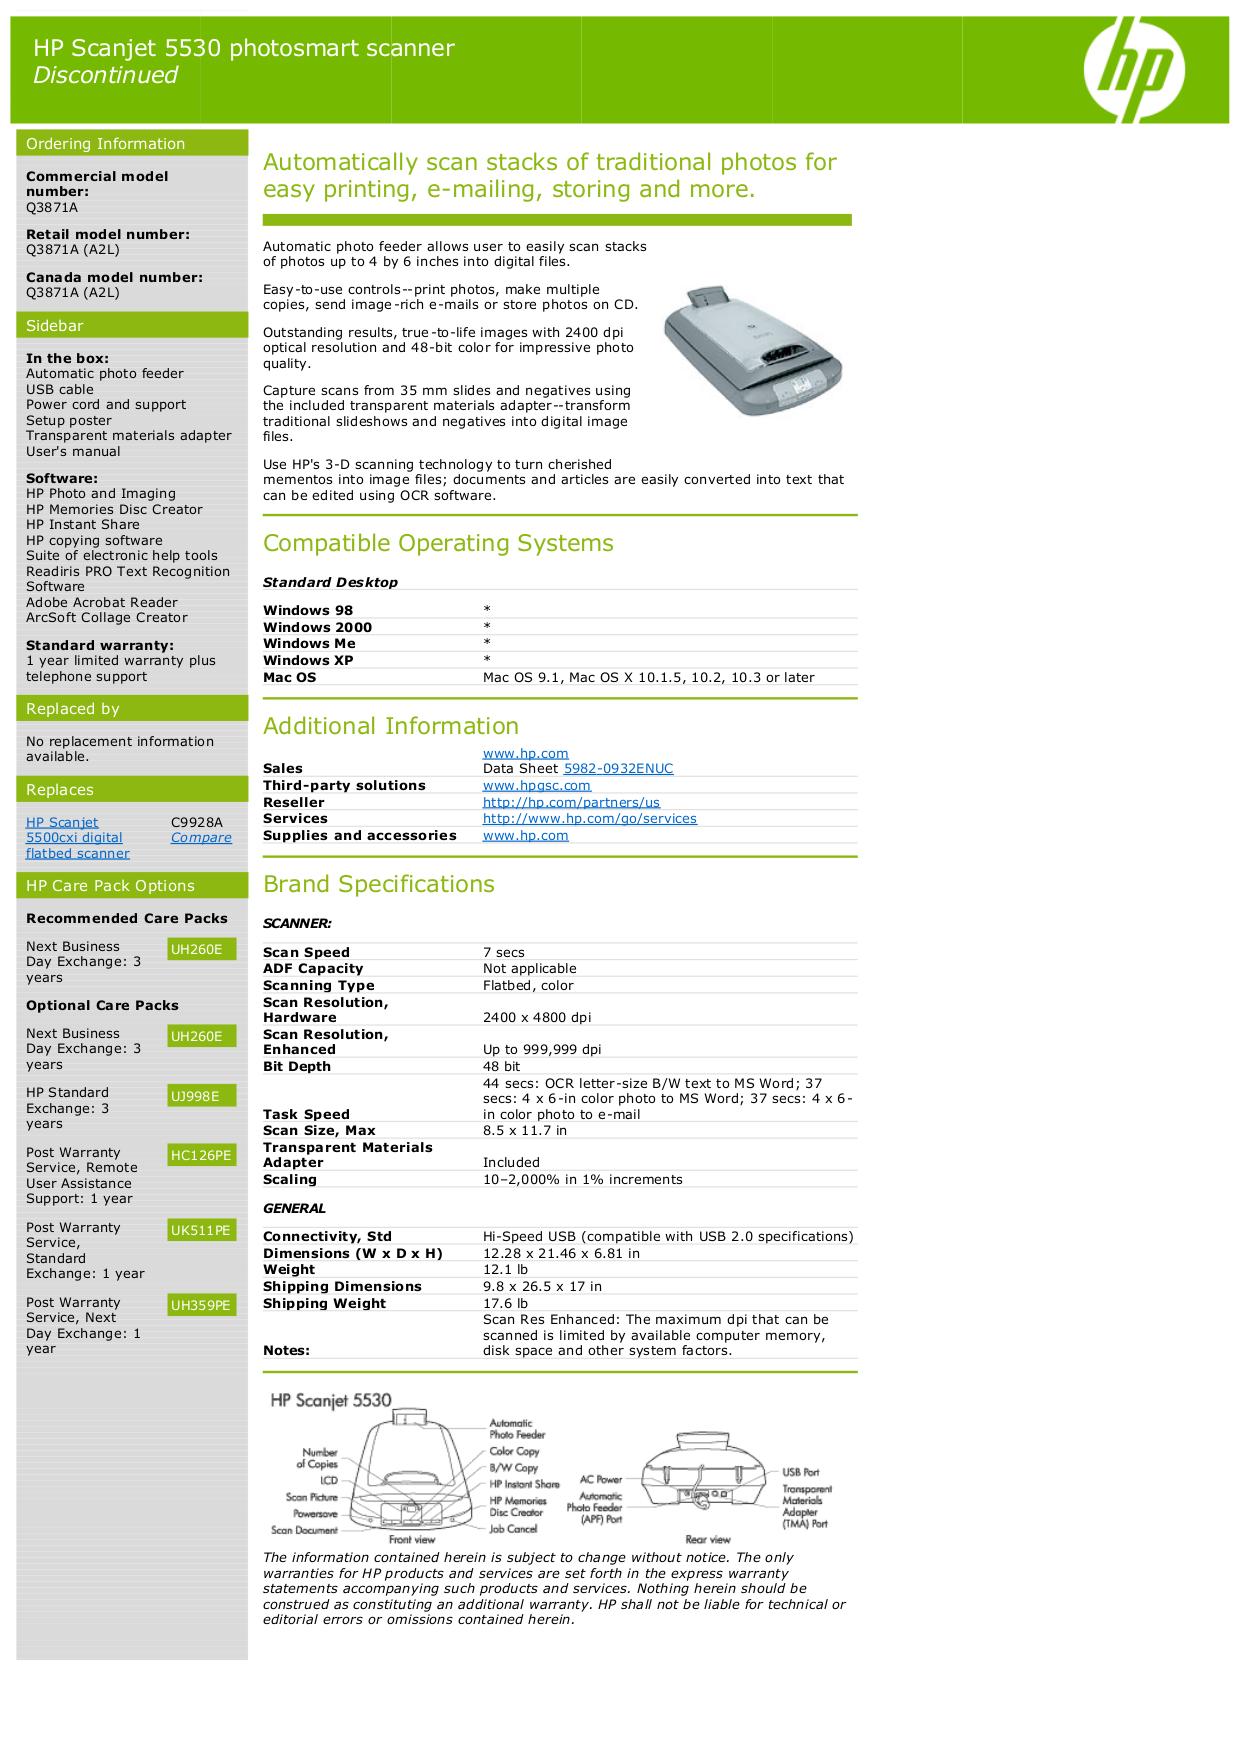 Download free pdf for HP Scanjet 5530 Scanner manual